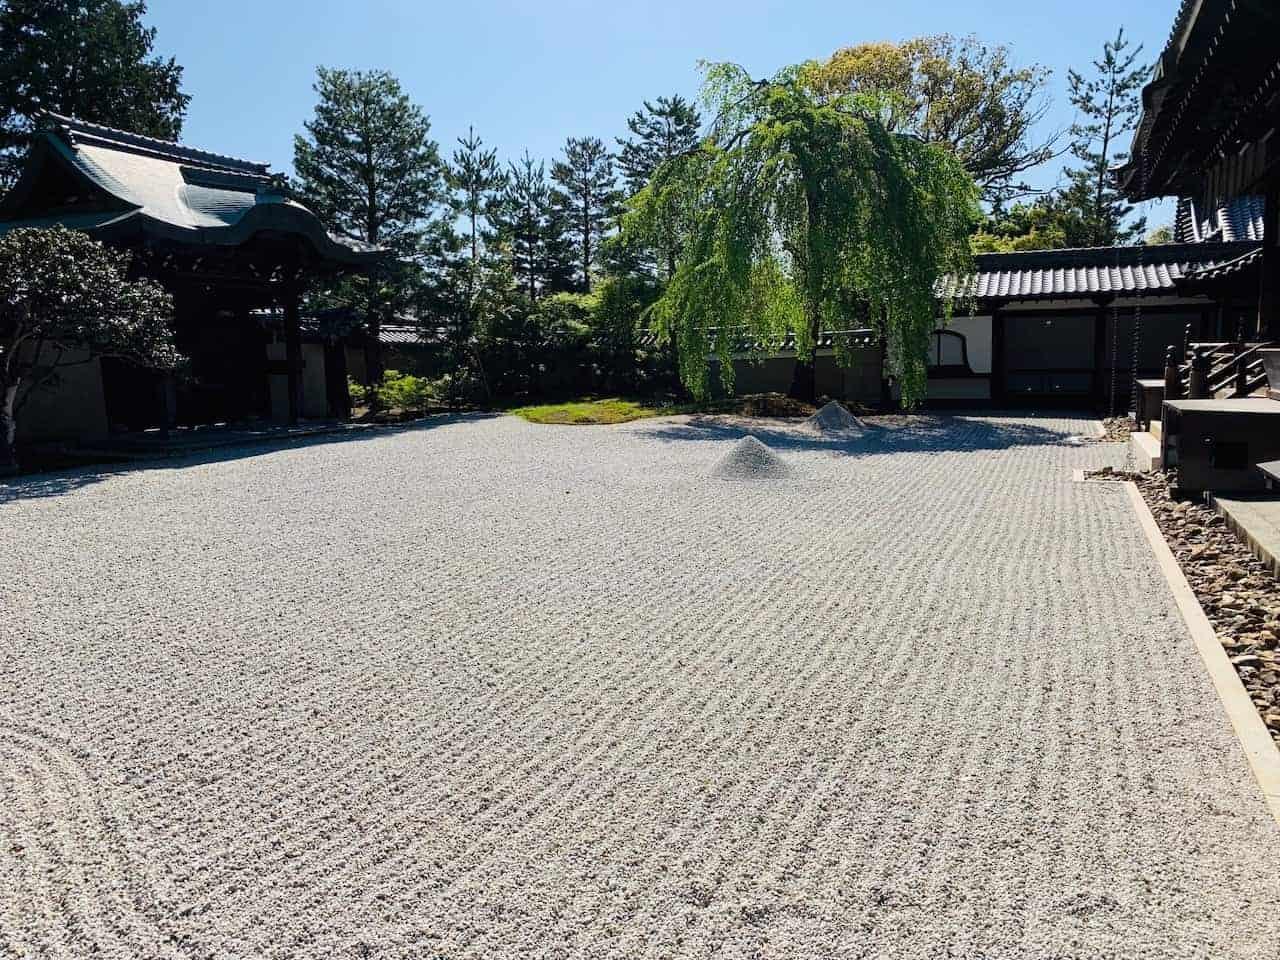 Kodai-ji Temple Sand Garden